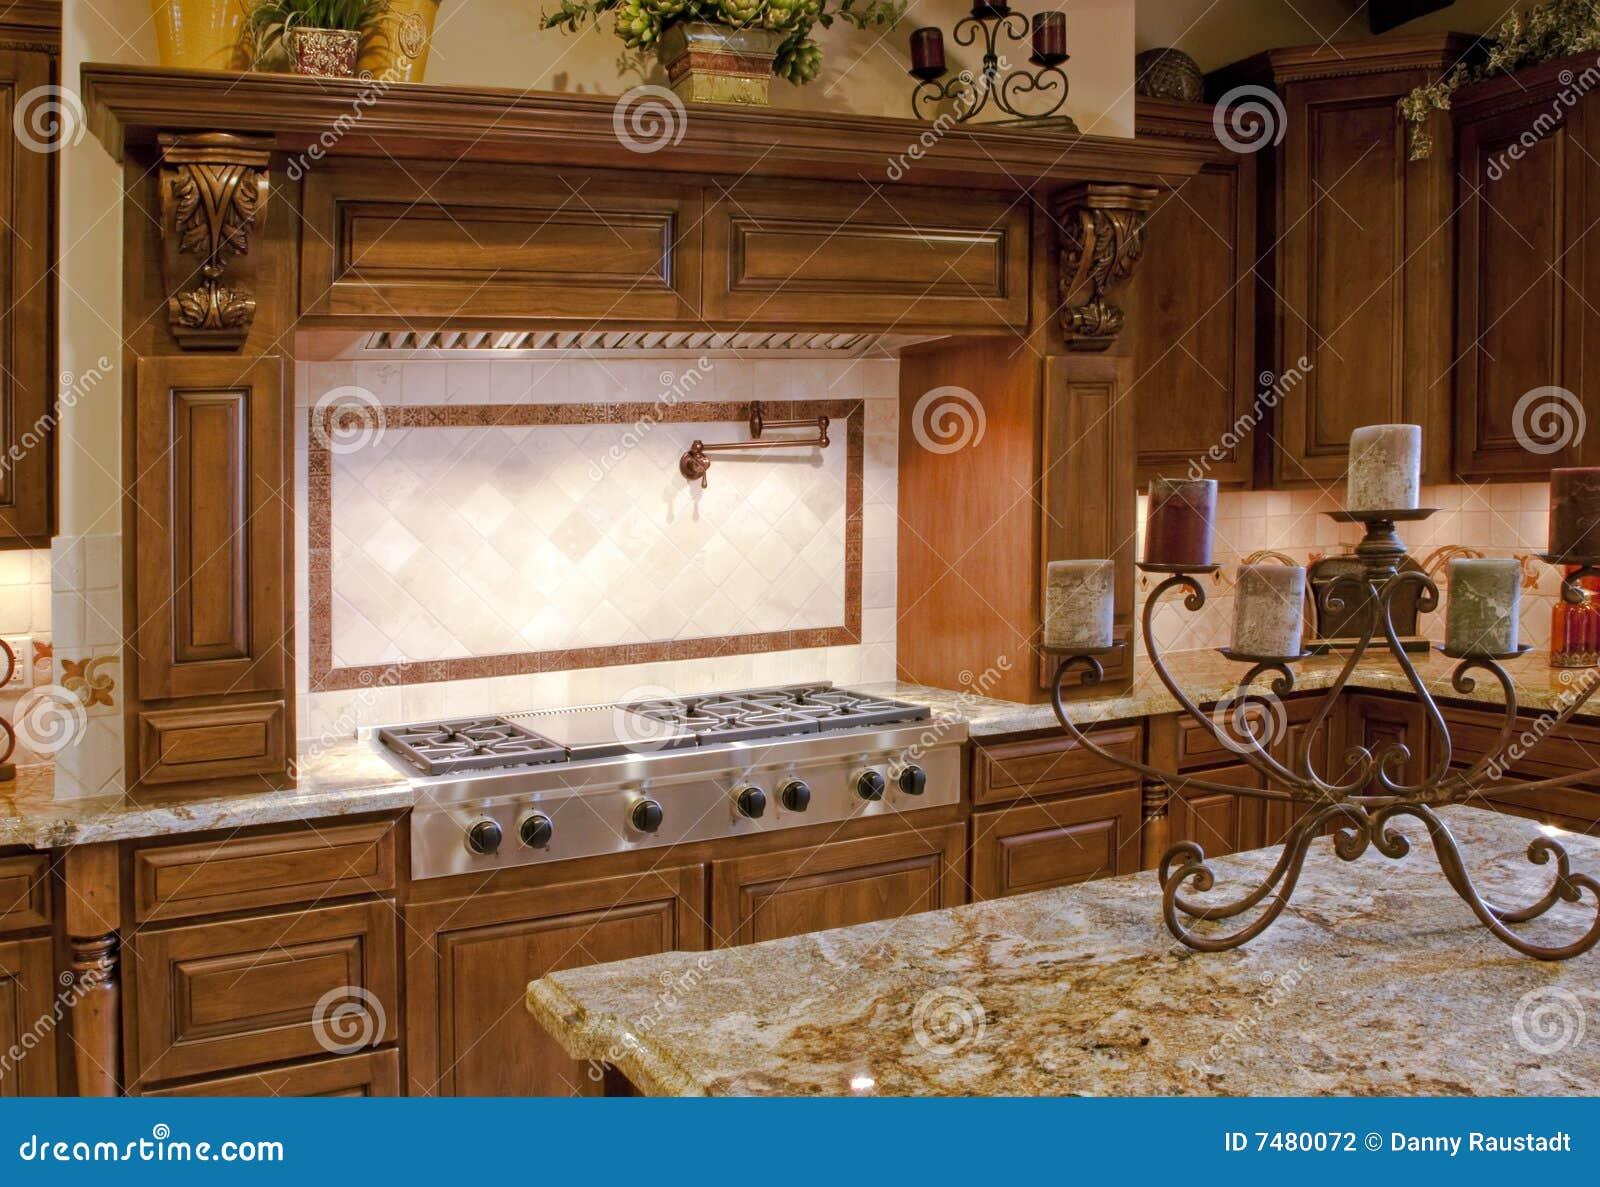 Modern Home Kitchen Stainless Gas Range